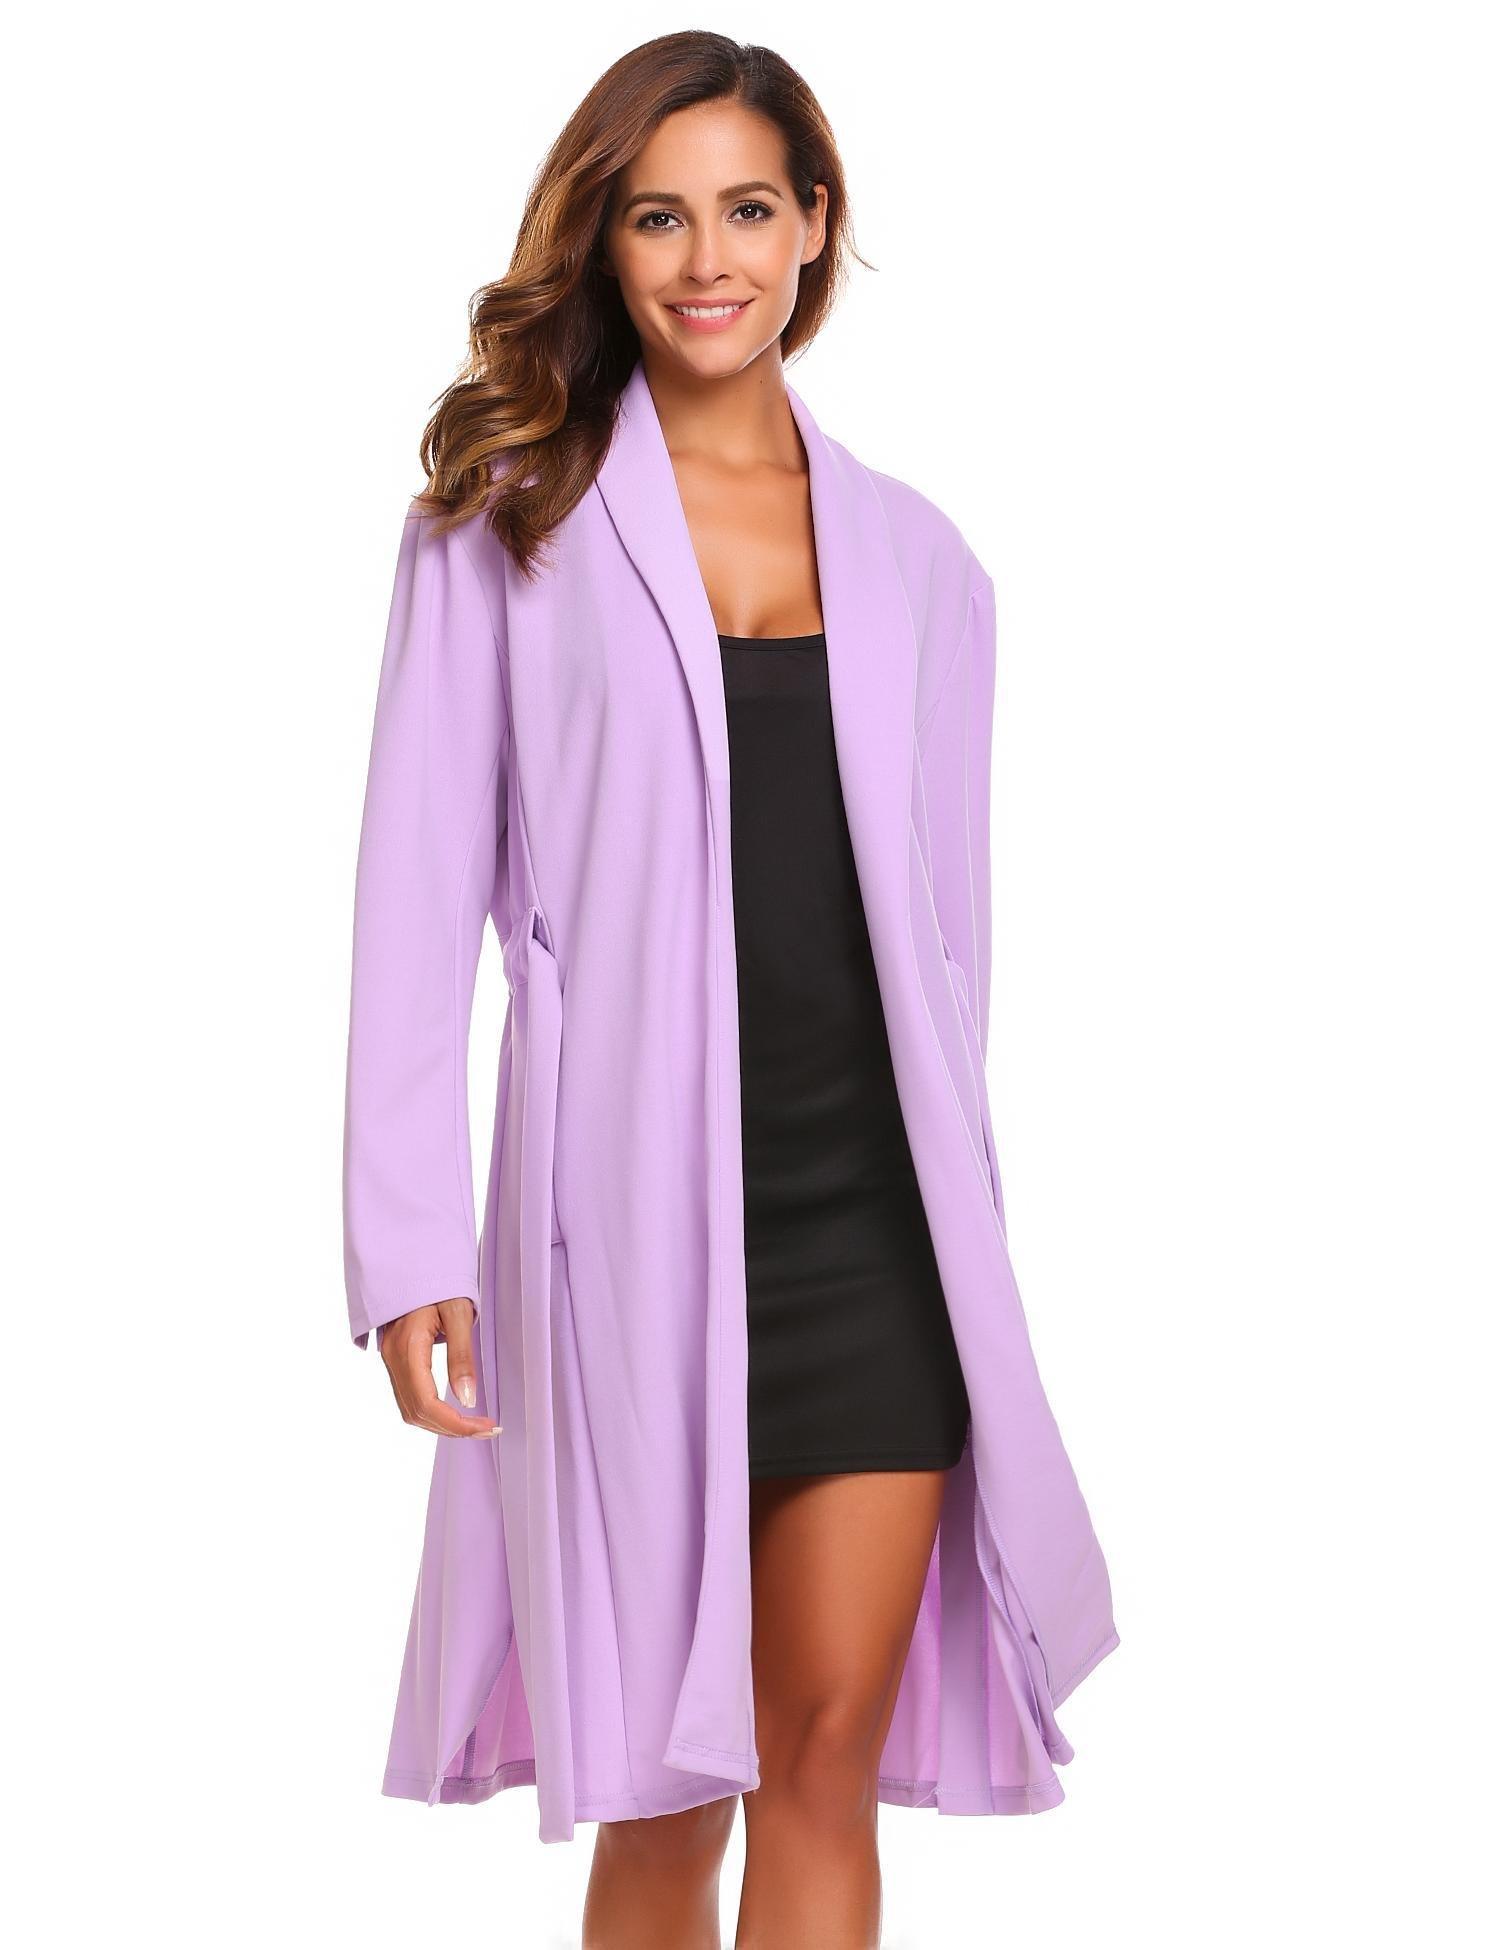 etuoji Women Waffle Dressing Down Bathing Robe for Spa Hotel Sleepwear(Light Purple,Size XL) by etuoji (Image #2)